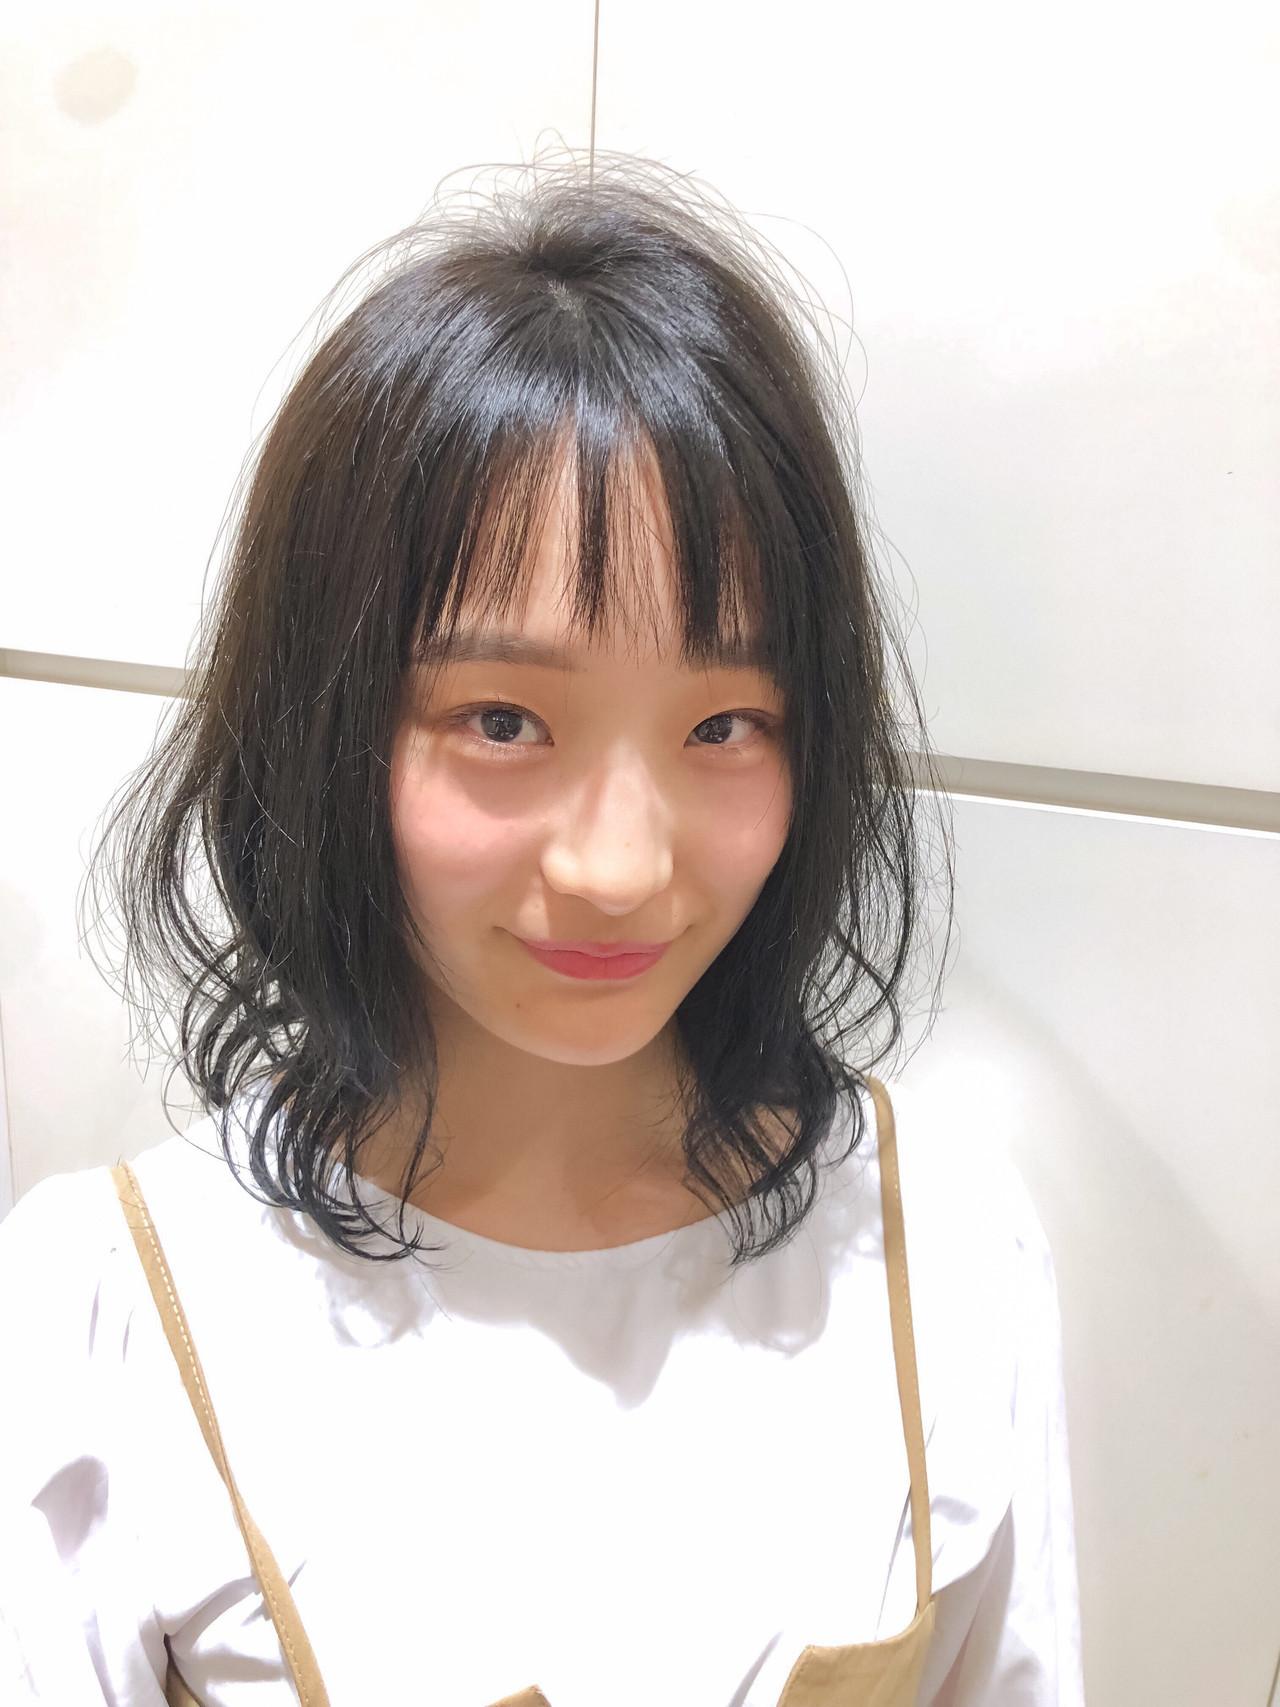 イメチェン ミディアムレイヤー フェミニン レイヤースタイル ヘアスタイルや髪型の写真・画像